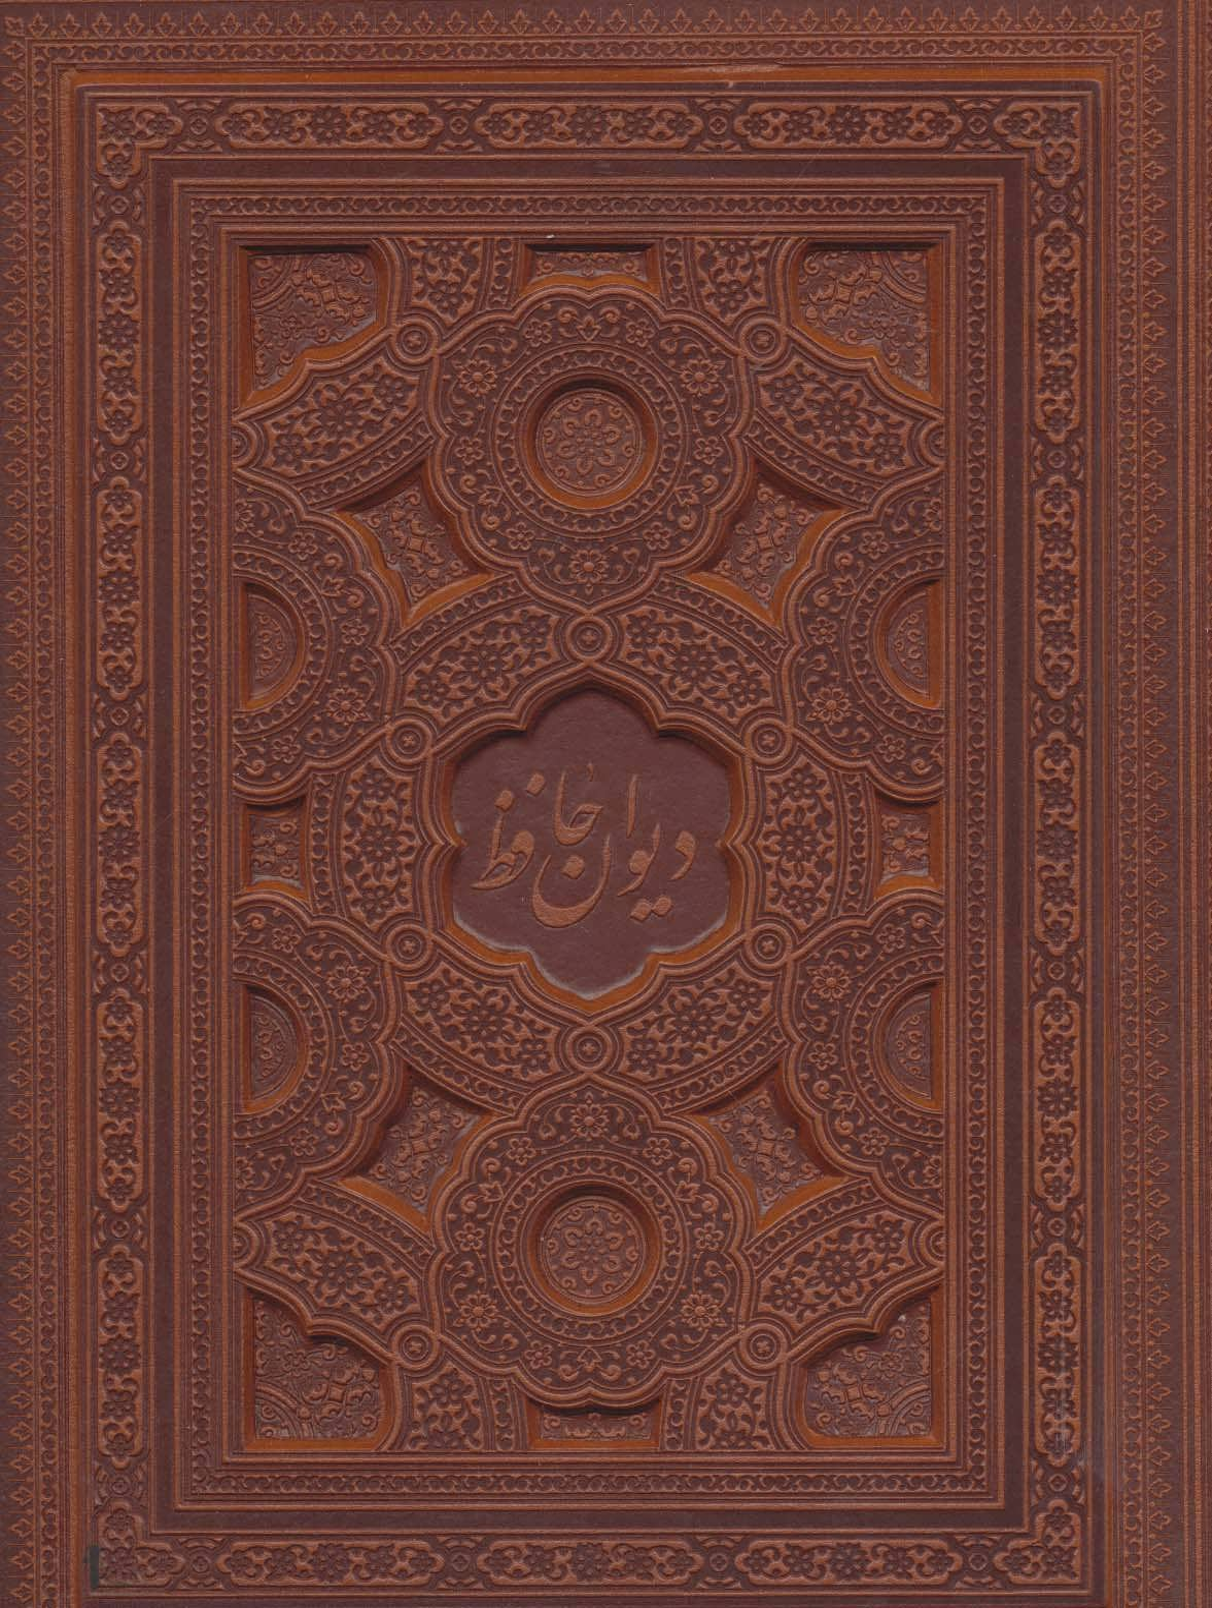 دیوان حافظ (2زبانه،معطر،گلاسه،باجعبه،چرم،لب طلایی،لیزری)